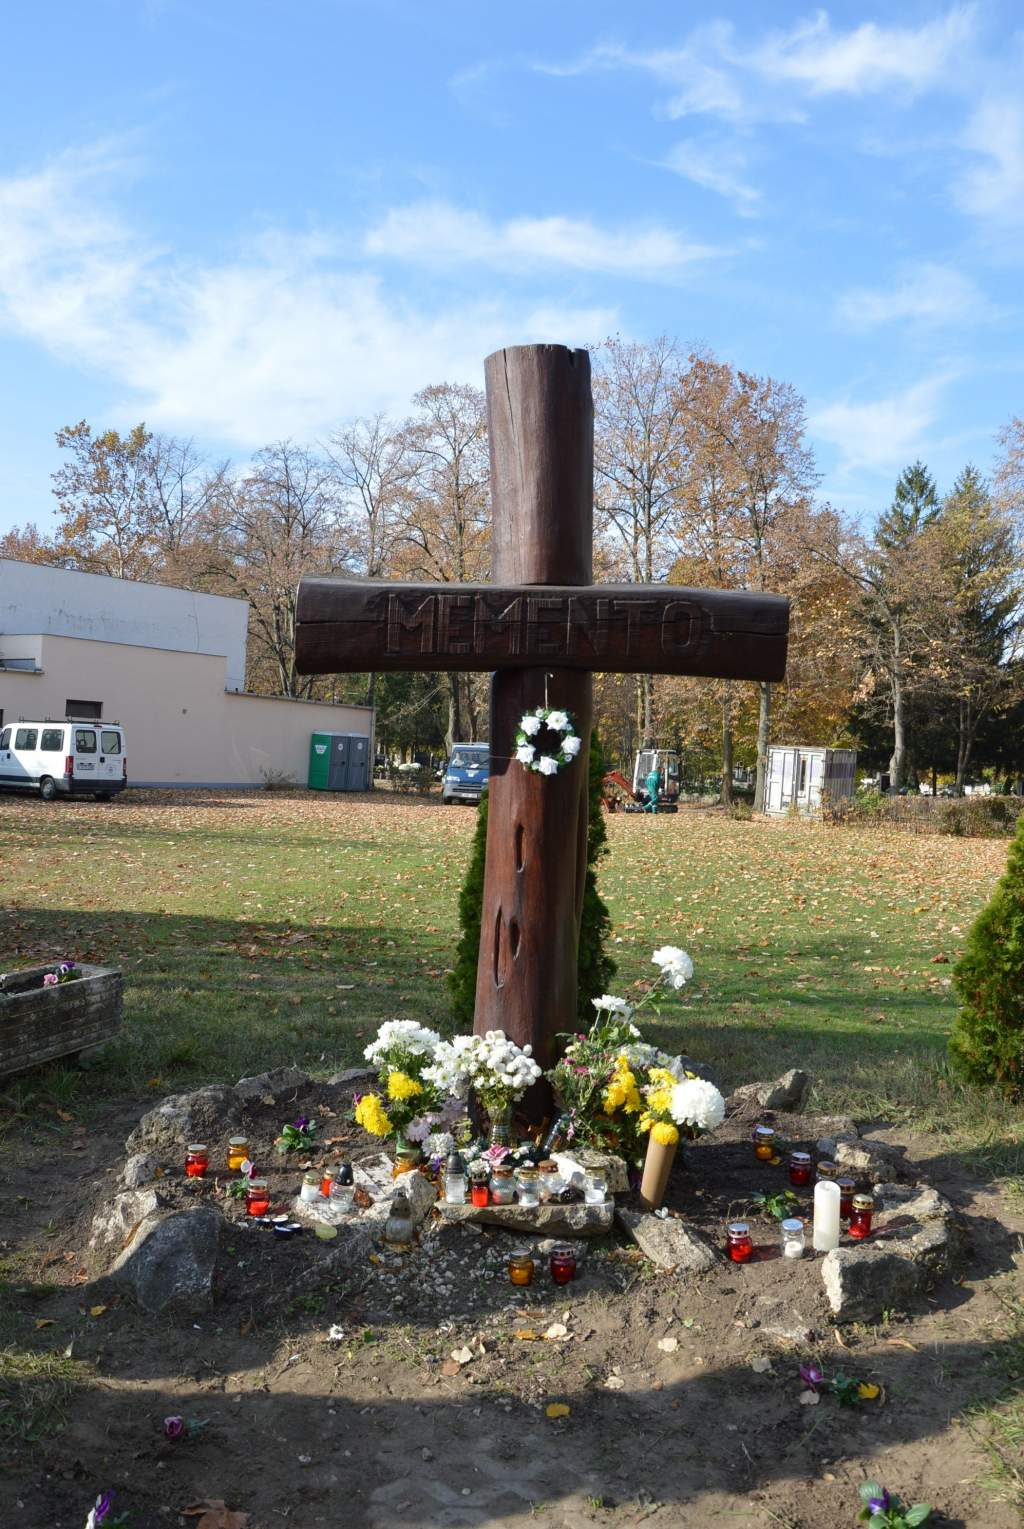 Magányosan elhunyt embertársainkra emlékeztek a wojtylások